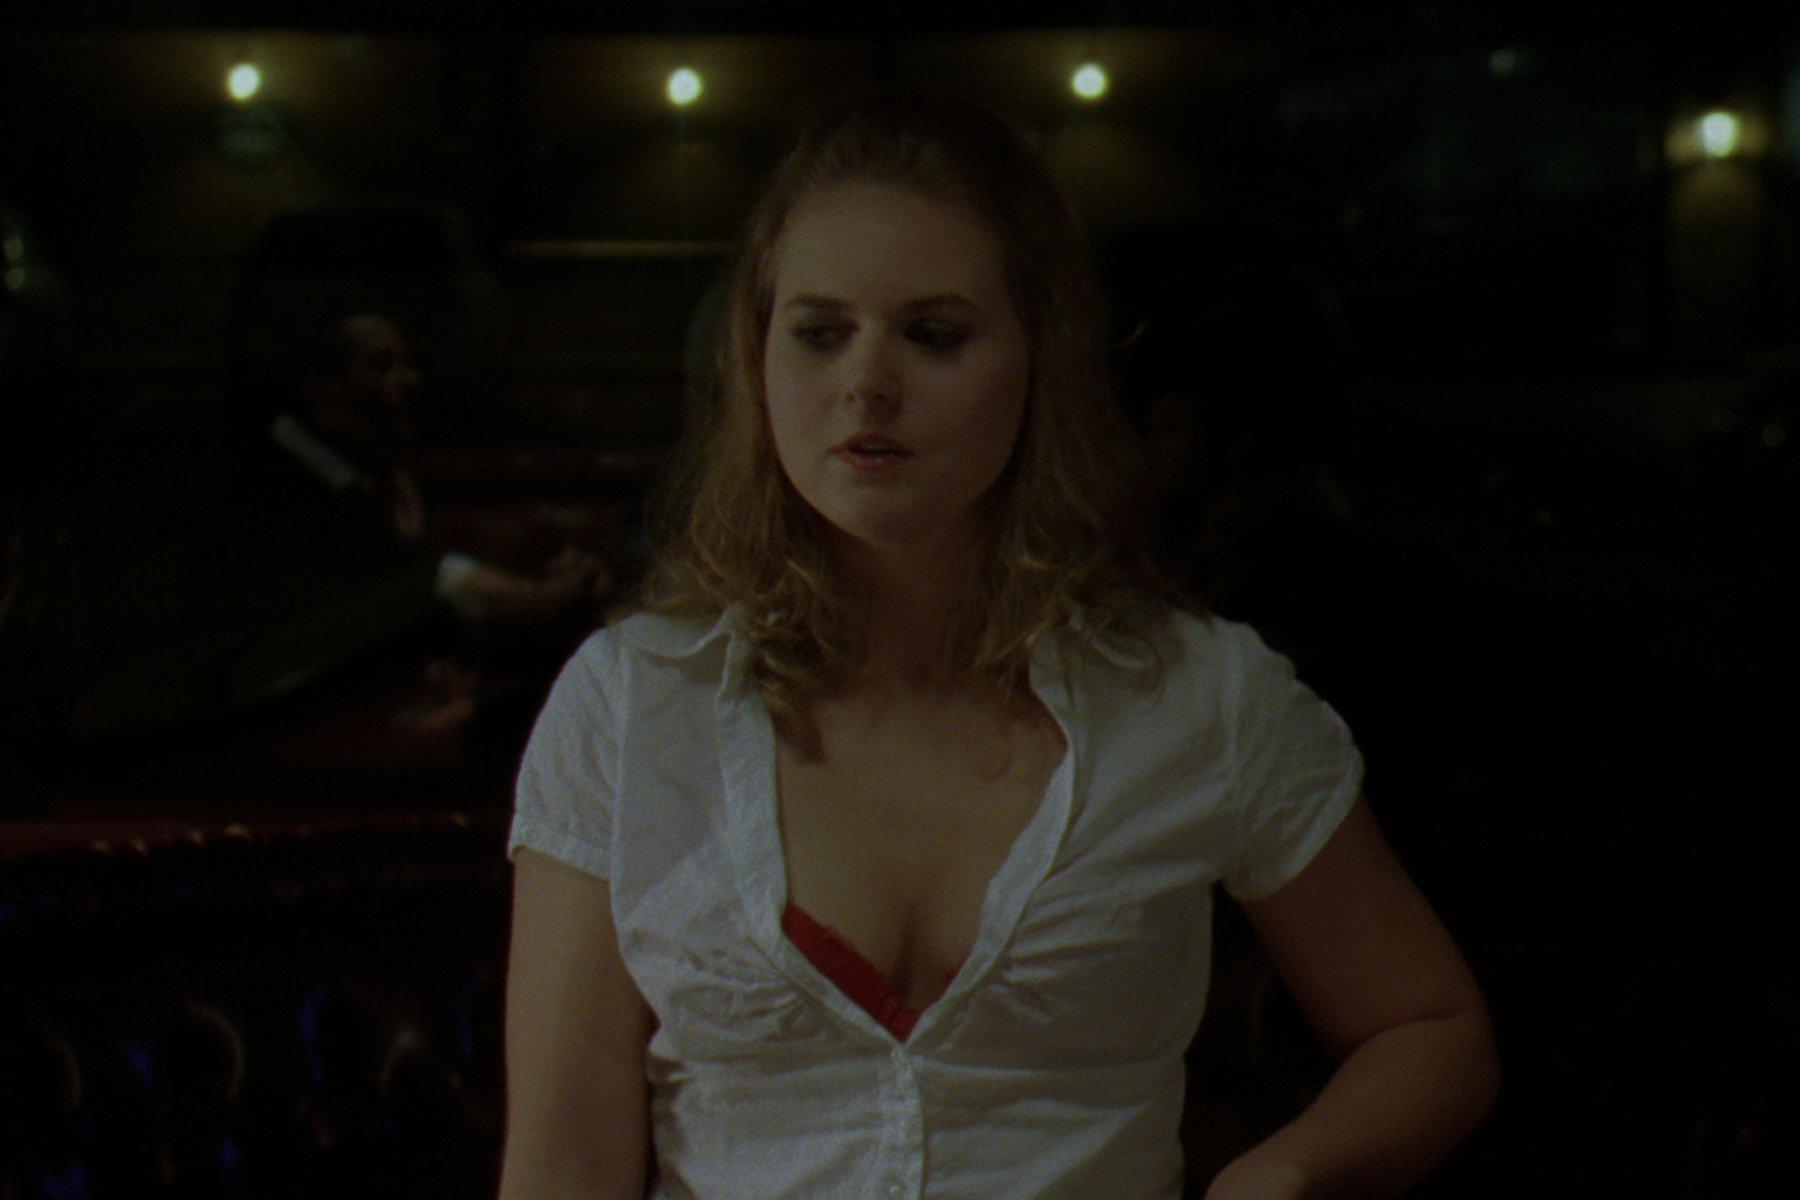 Jessica Raskin